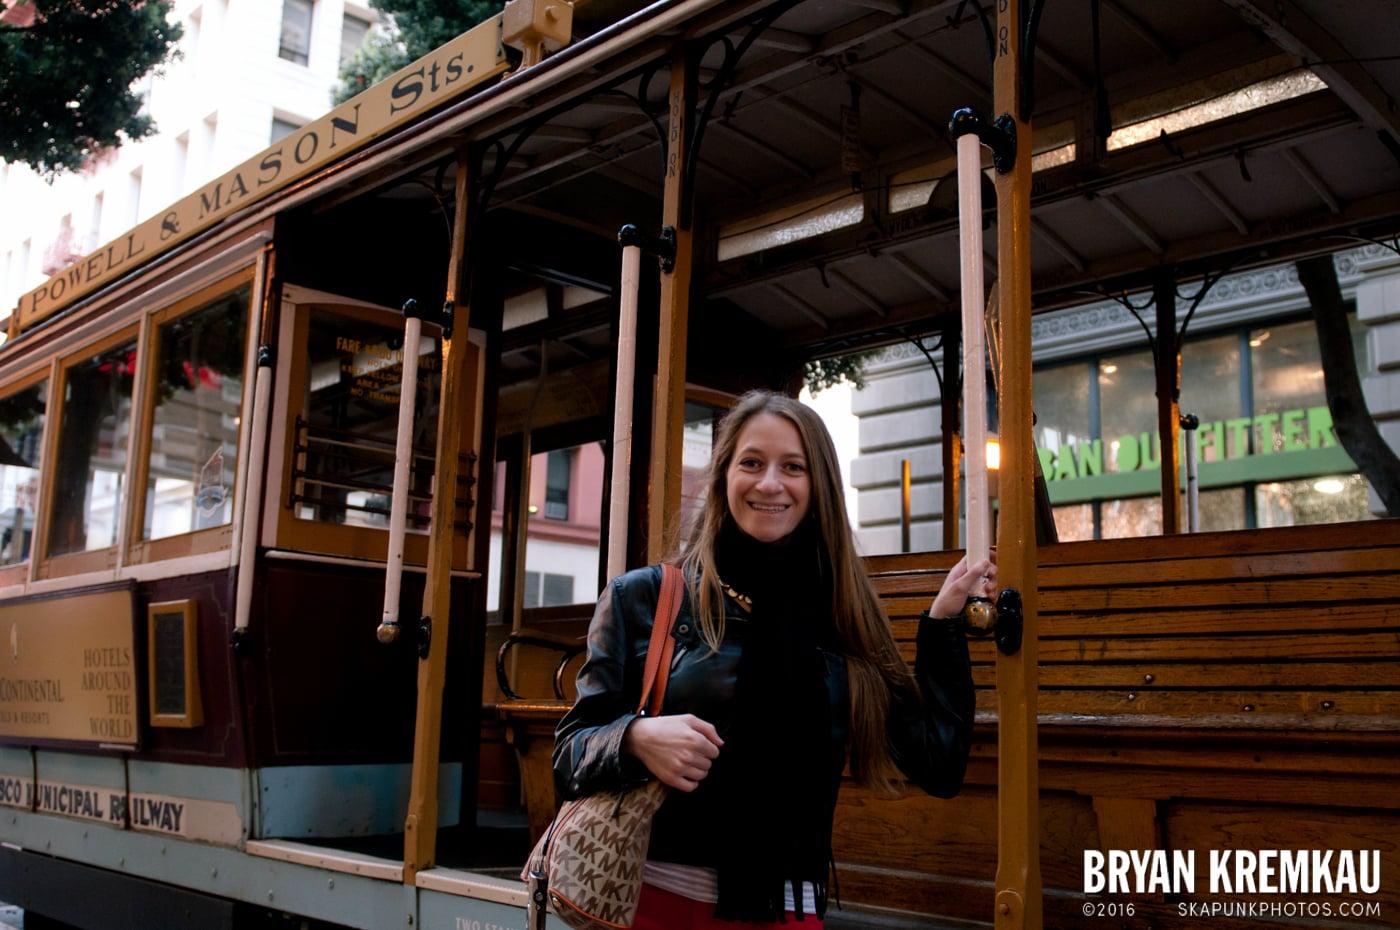 San Francisco Vacation - Day 1 - 4.28.12 (2)